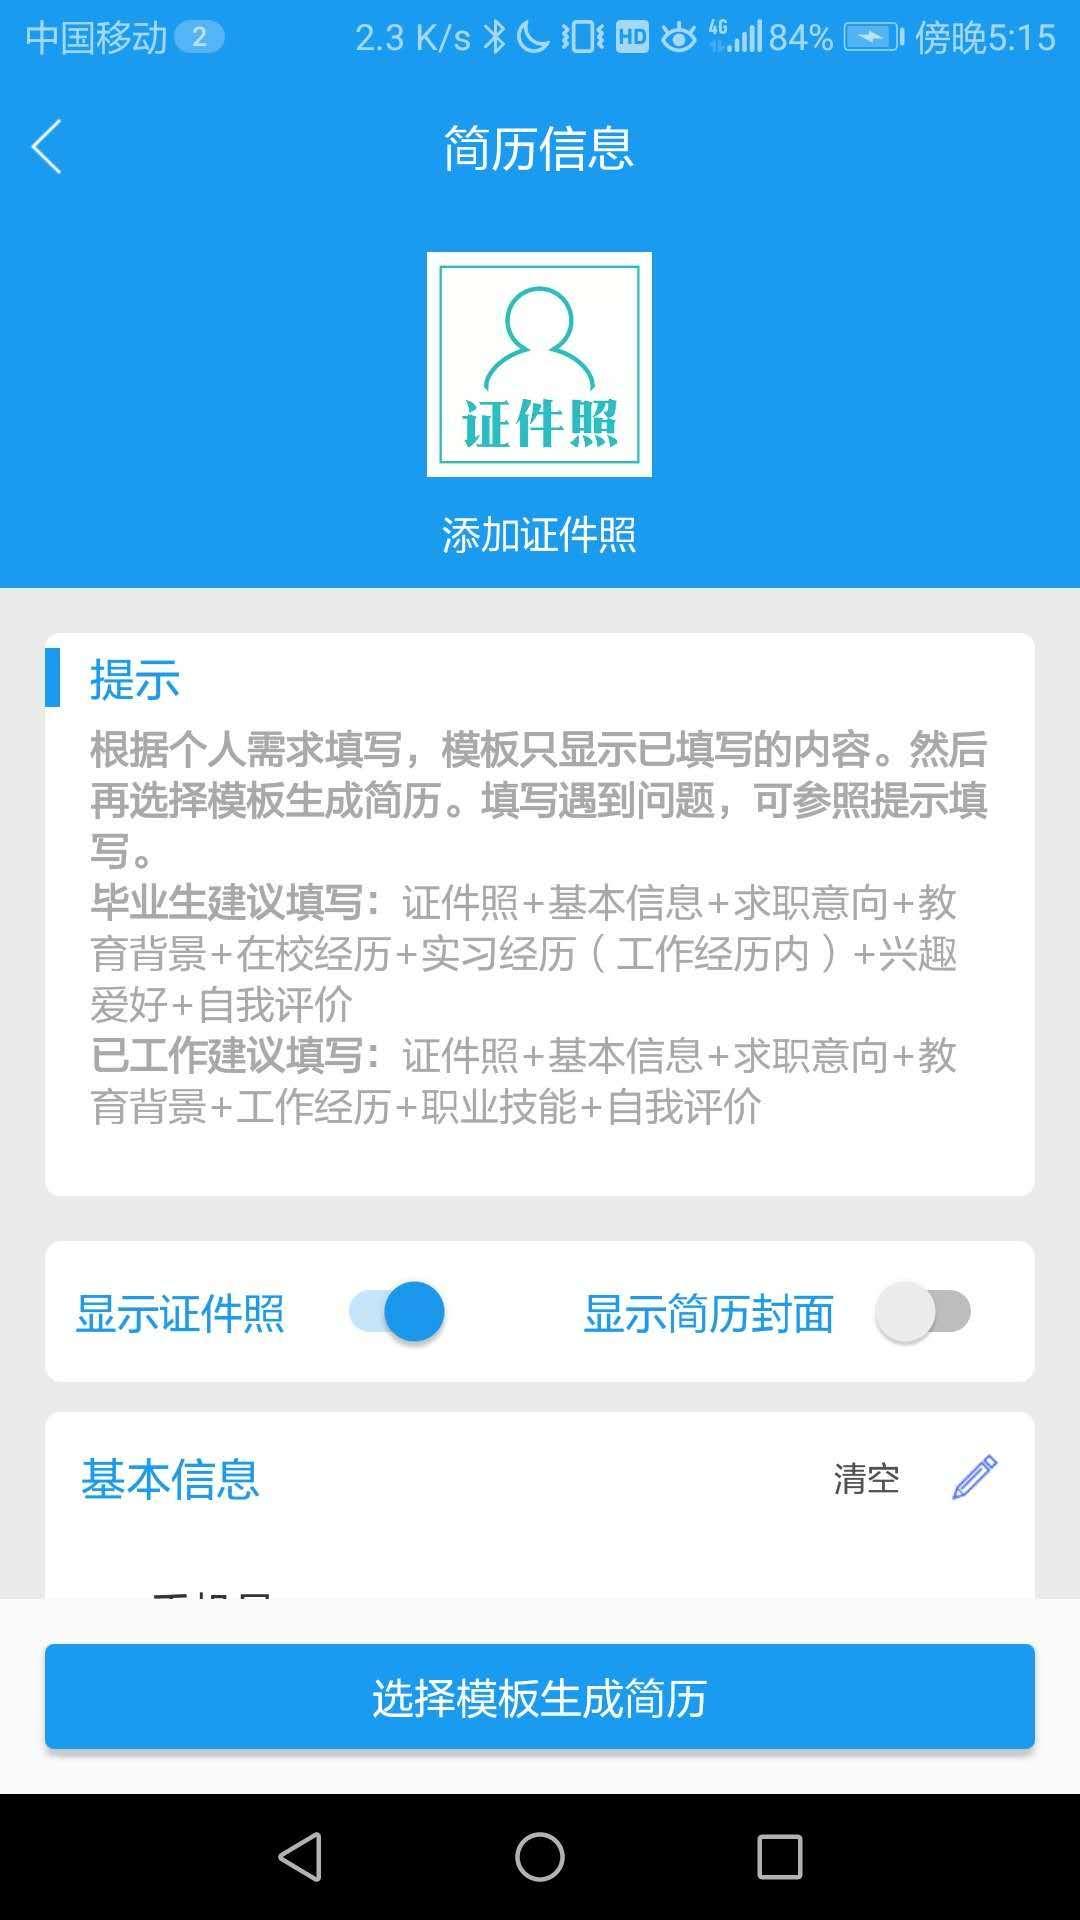 簡歷大師app圖4